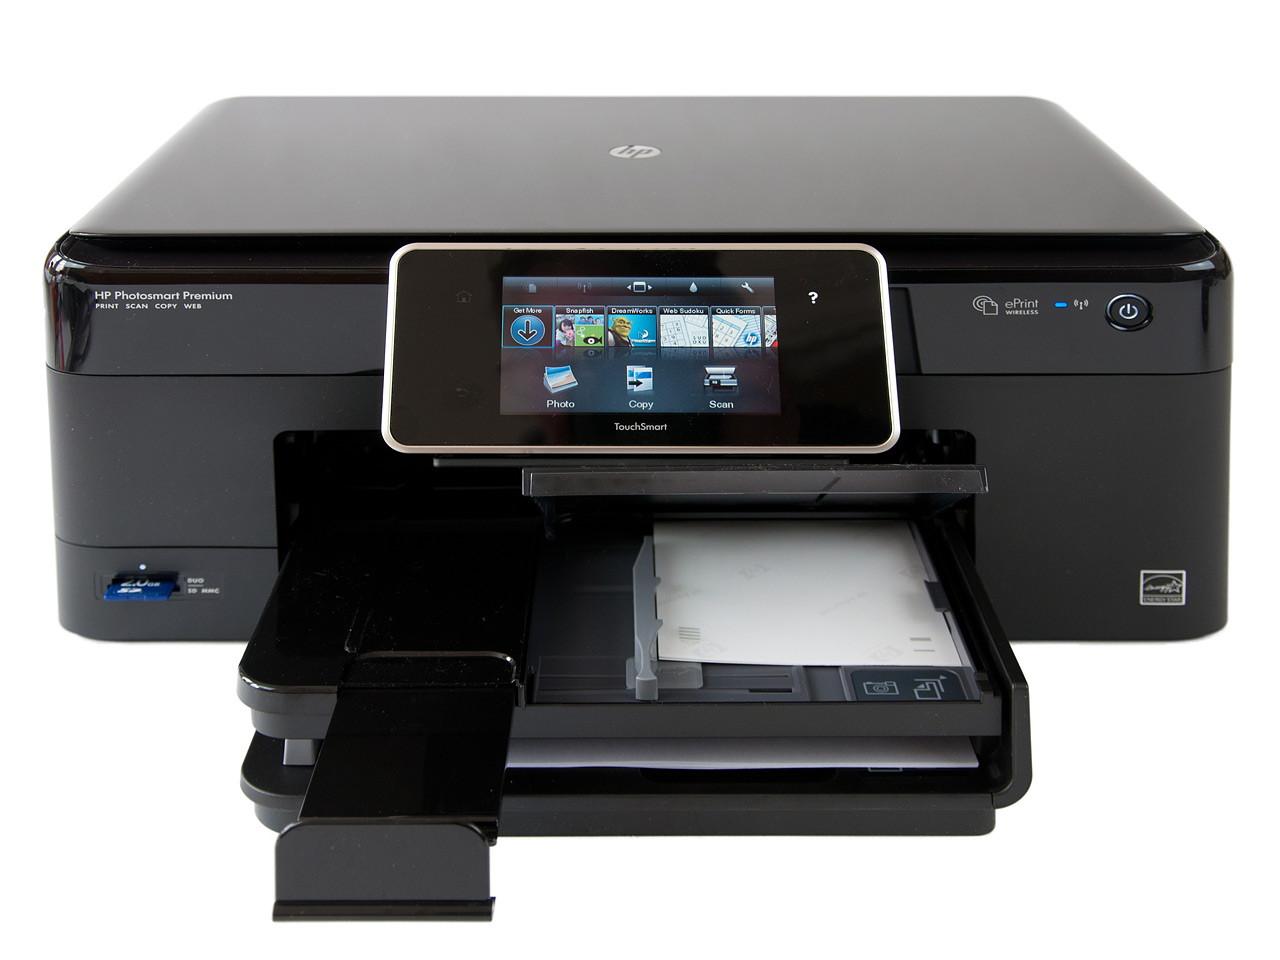 Блиц-обзор HP Photosmart Premium C310 - самое продвинутое МФУ